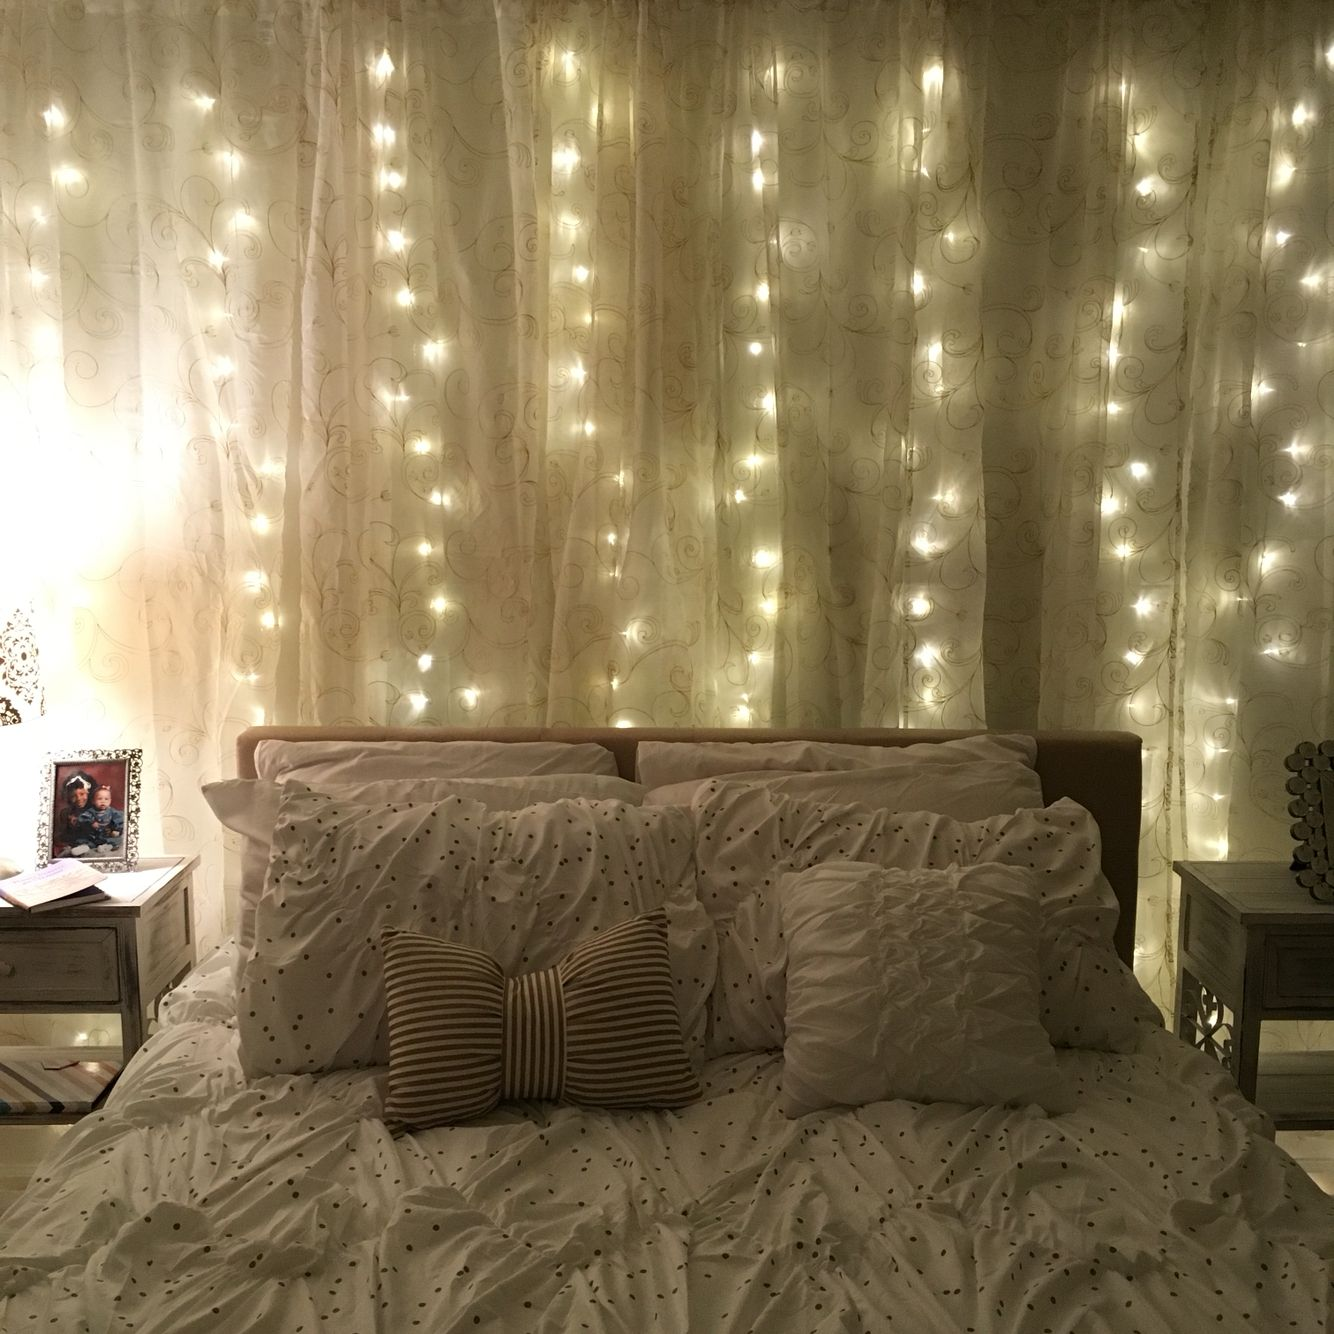 curtain lights diy curtains